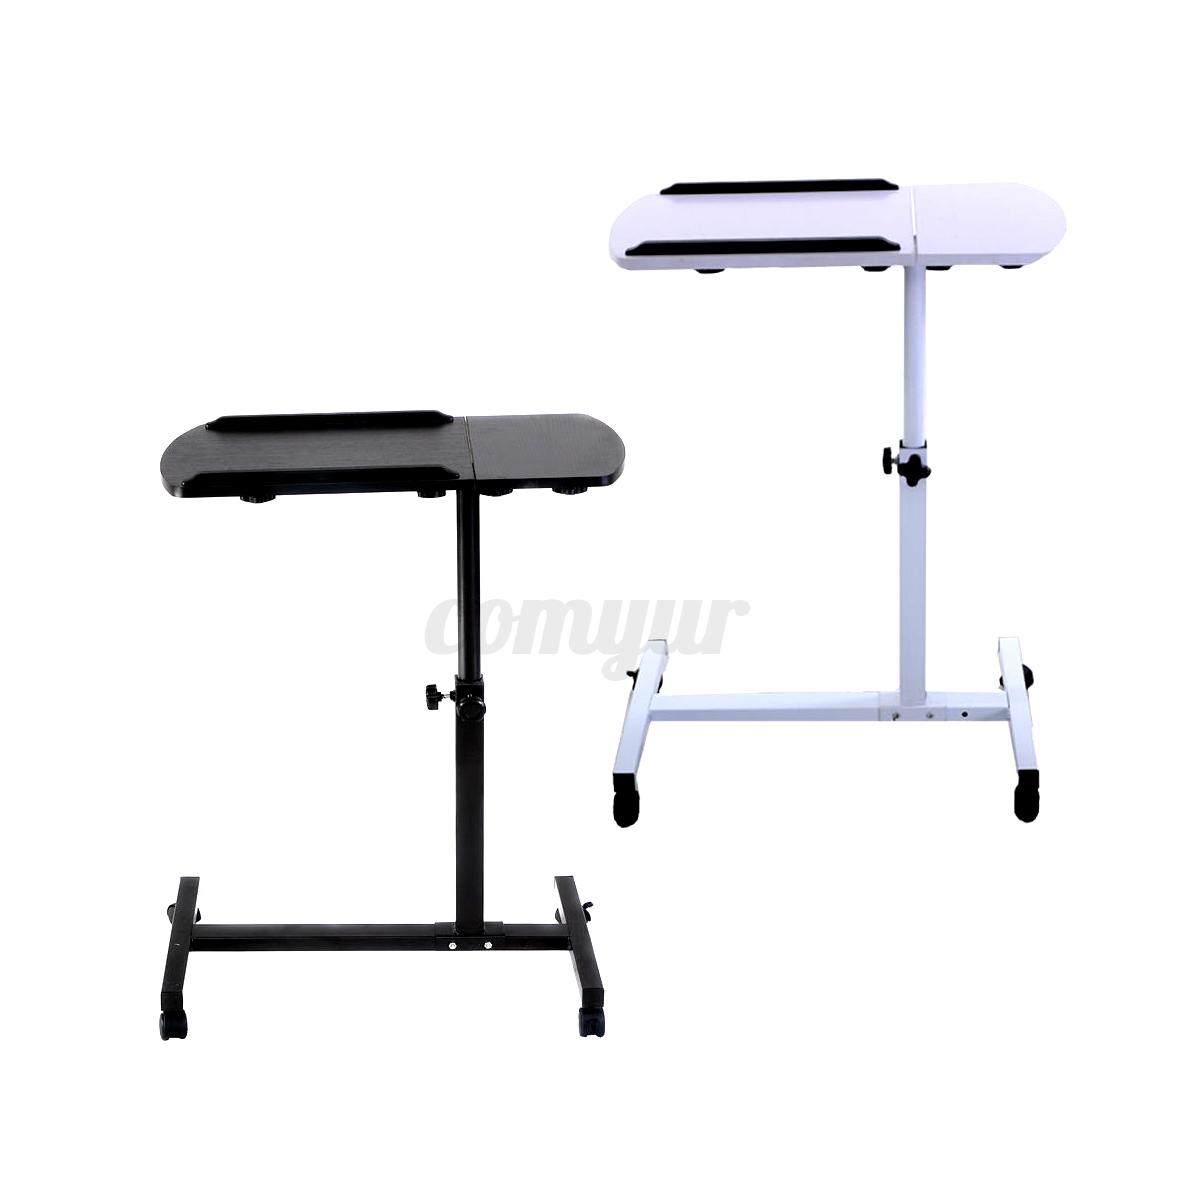 laptoptisch pflegetisch beistelltisch betttisch rolltisch esstisch notebooktisch ebay. Black Bedroom Furniture Sets. Home Design Ideas